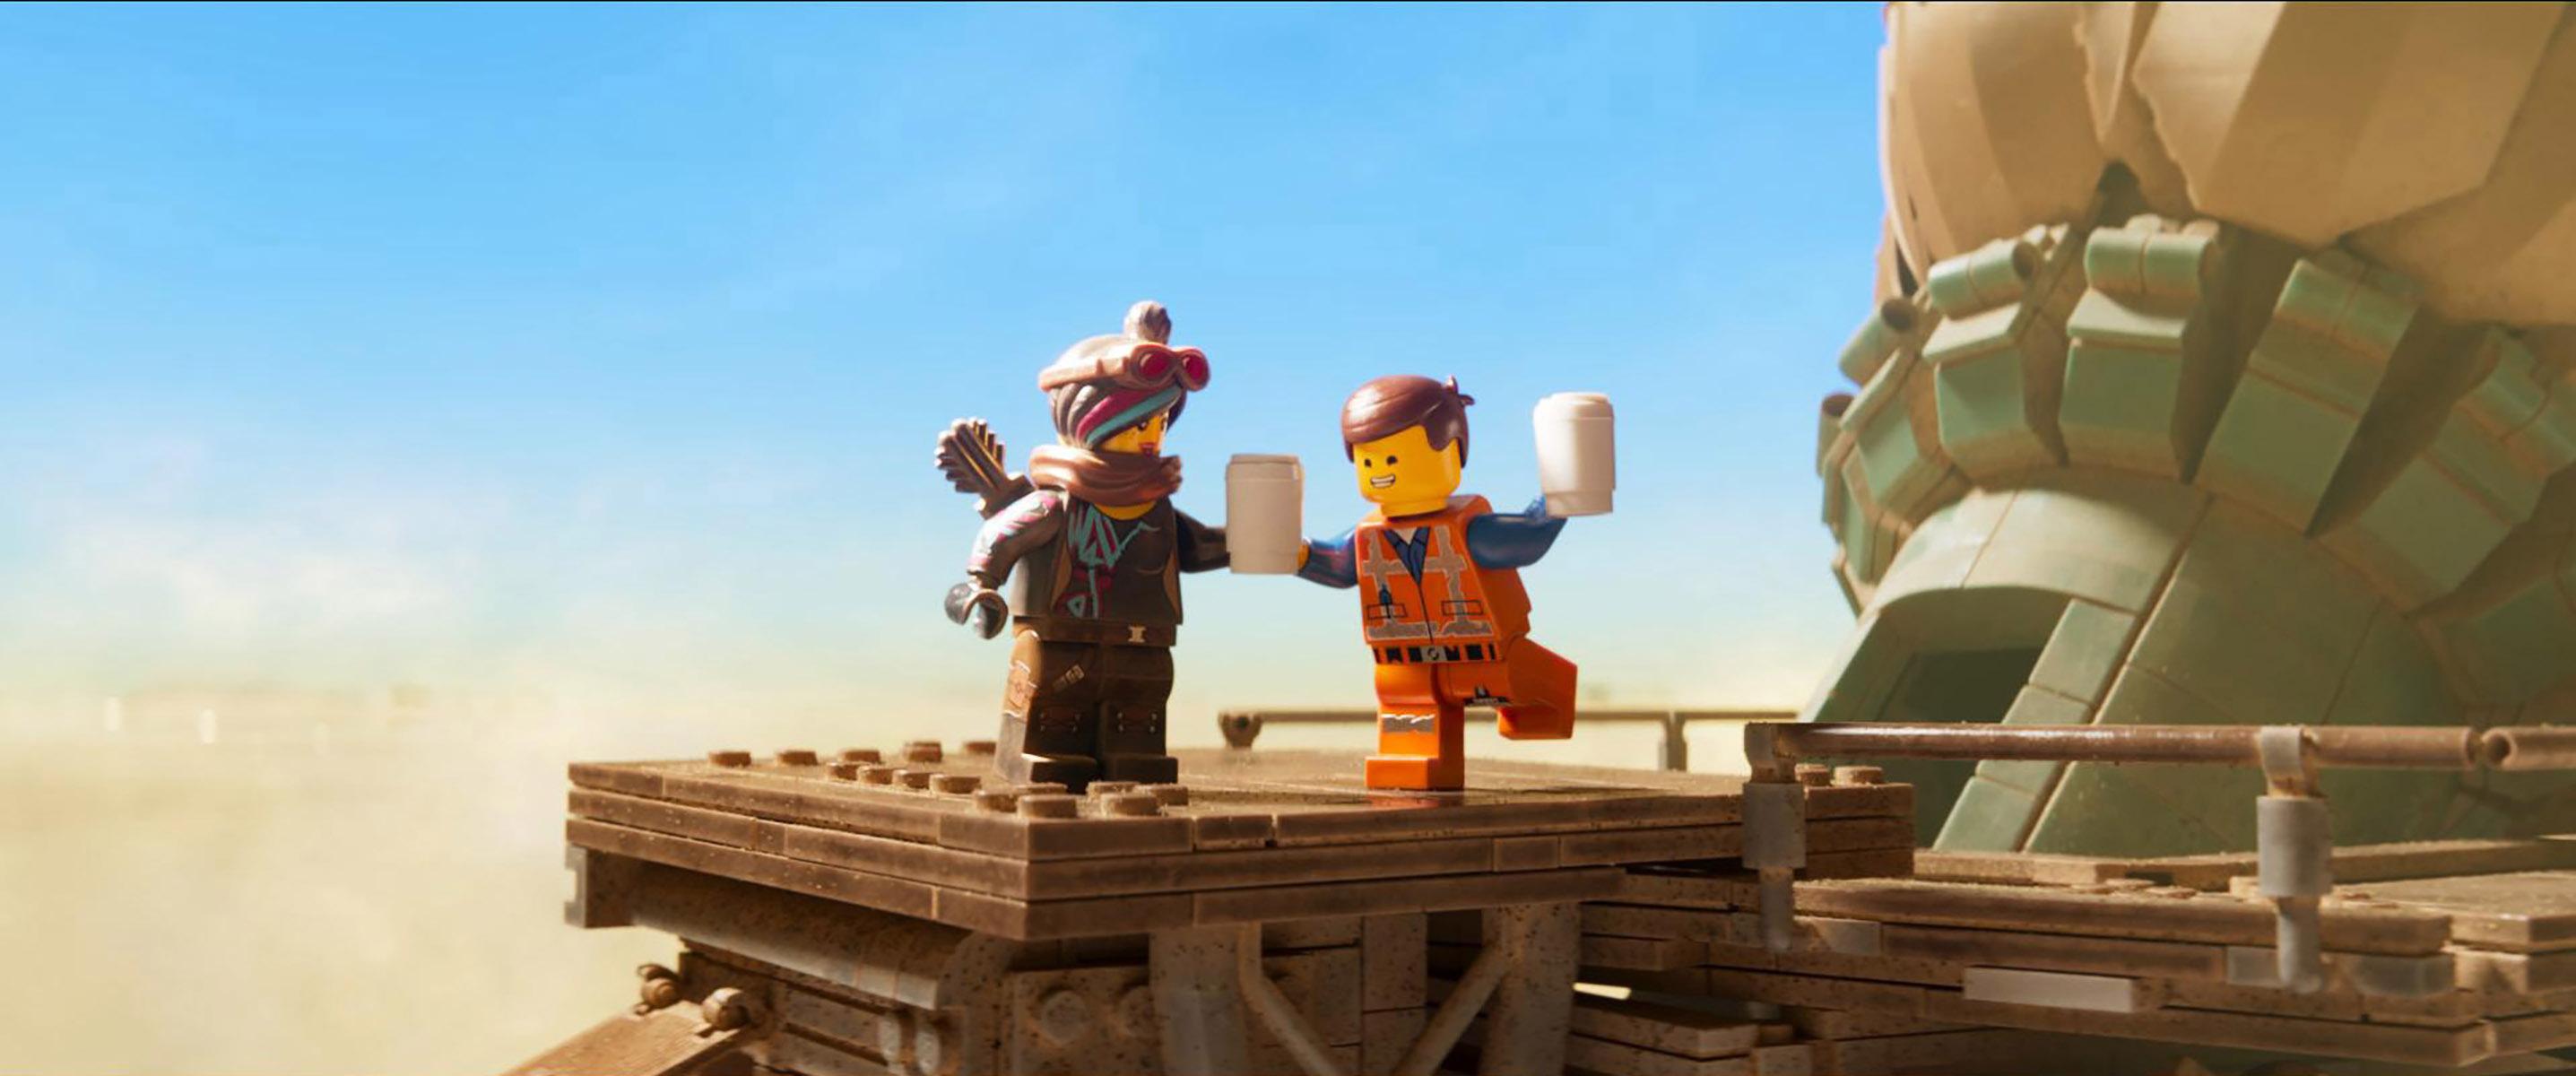 Descargar La Lego película 2